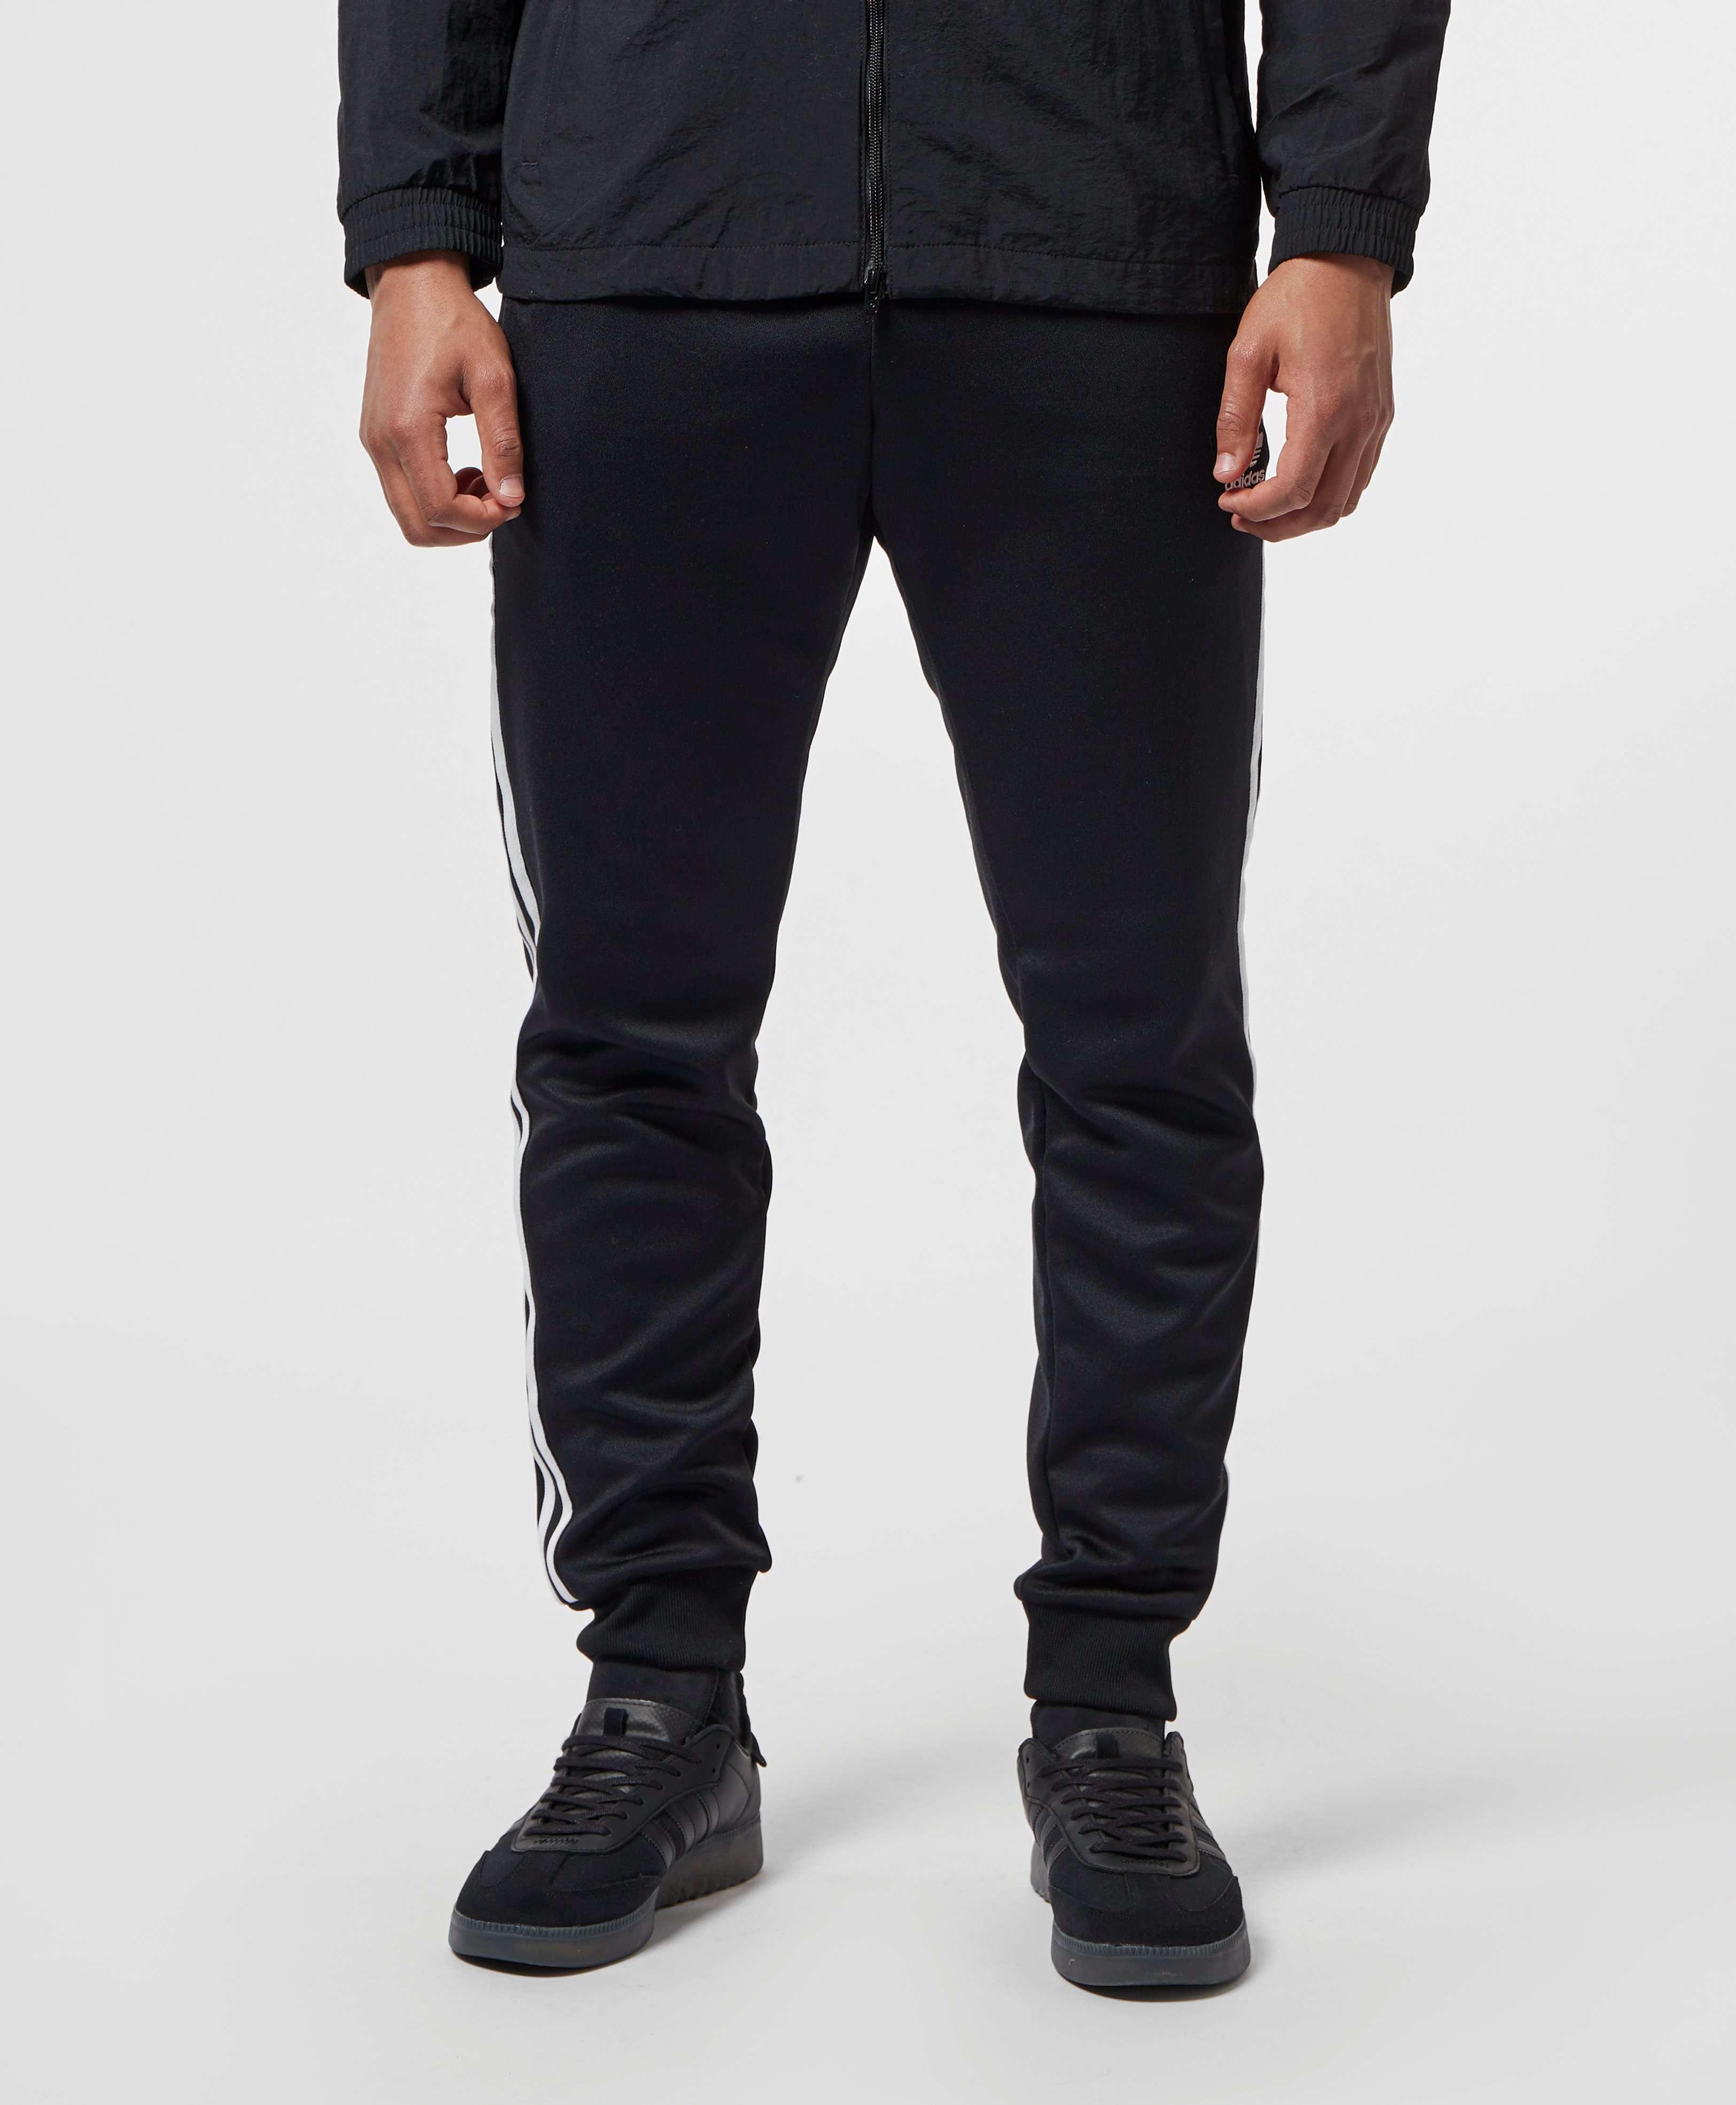 Adidas Originals Superstar esposado track pants Scotts hombre wear